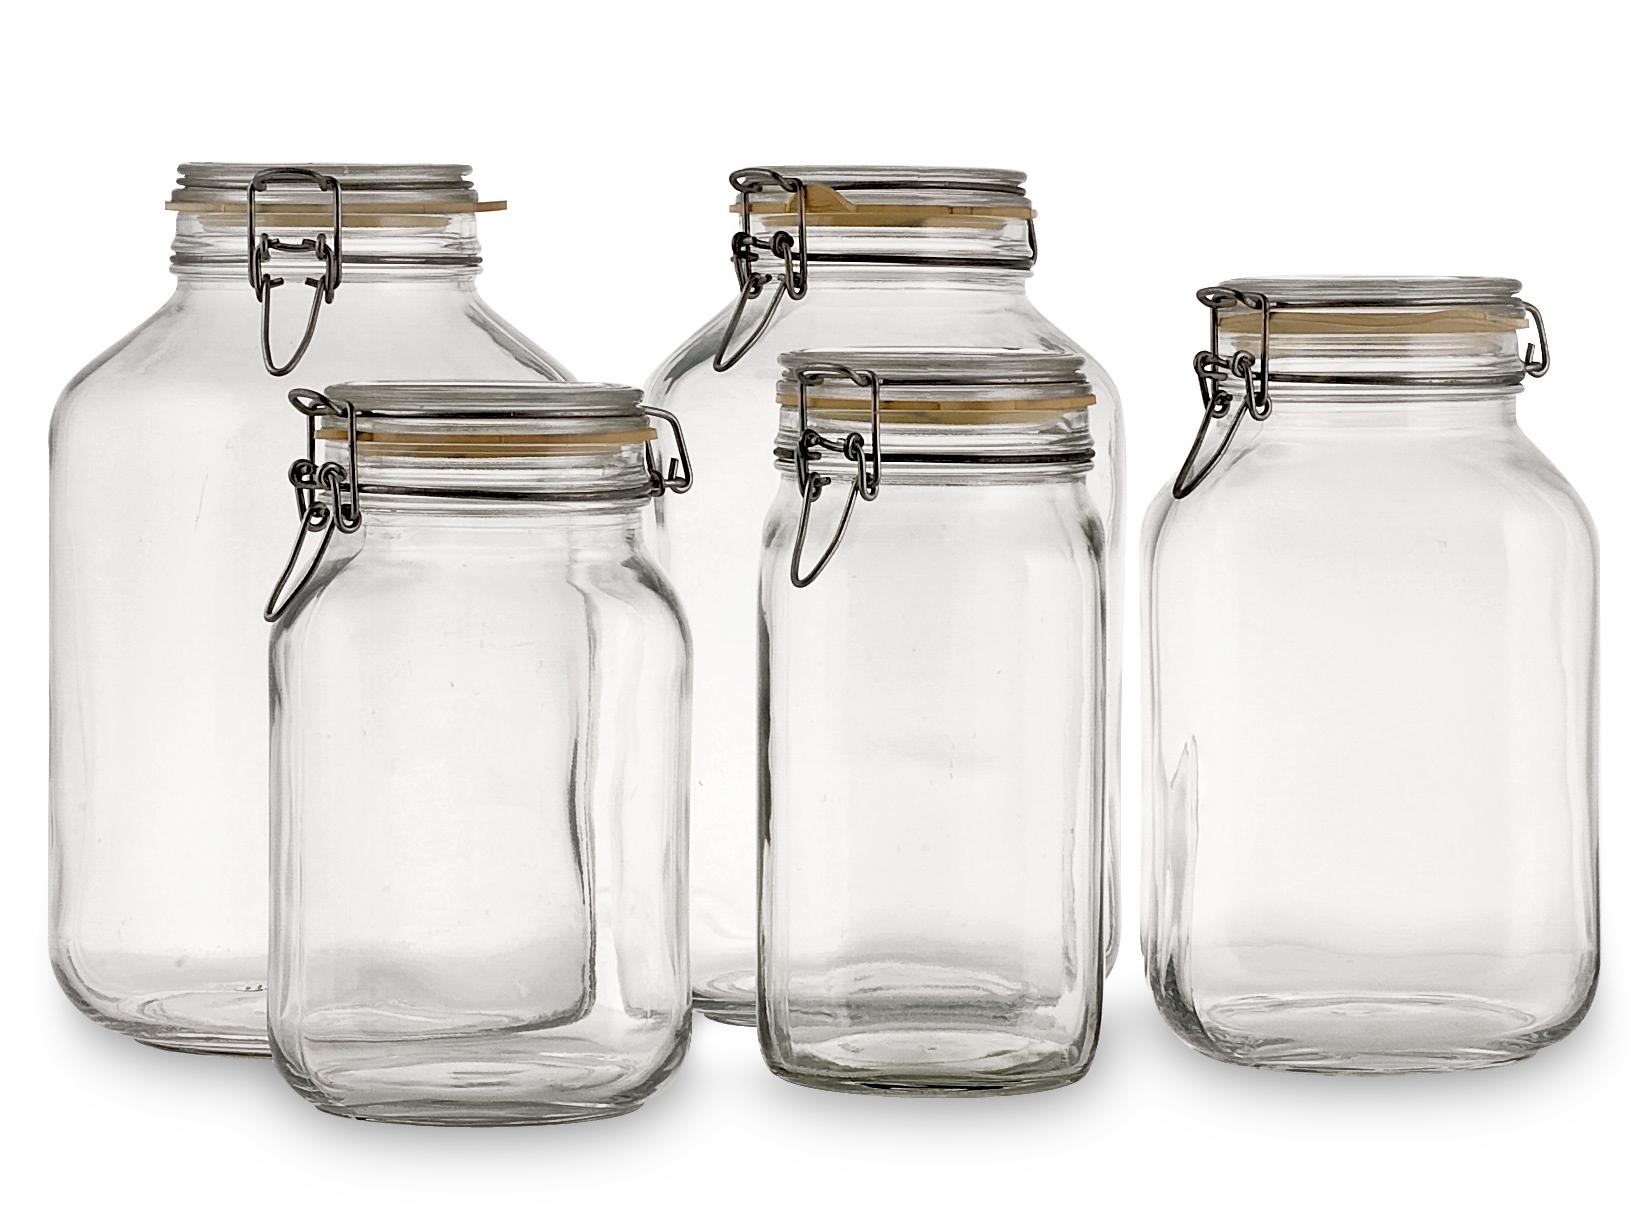 Acquista Set 6 Vasi Vetro Fido Tappo Ermetico 17523560 | Glooke.com